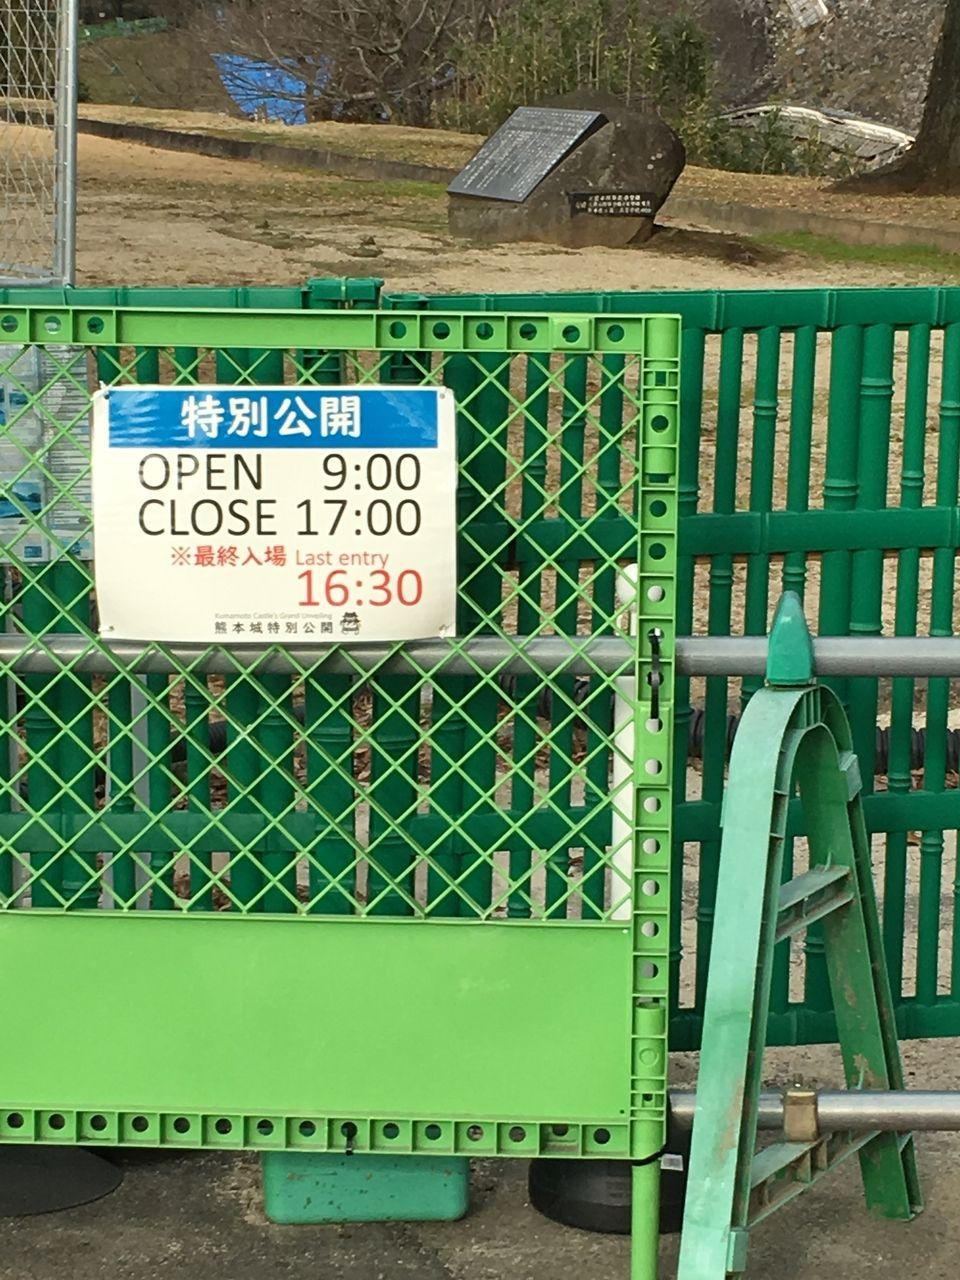 熊本城の特別公開の公開時間の案内